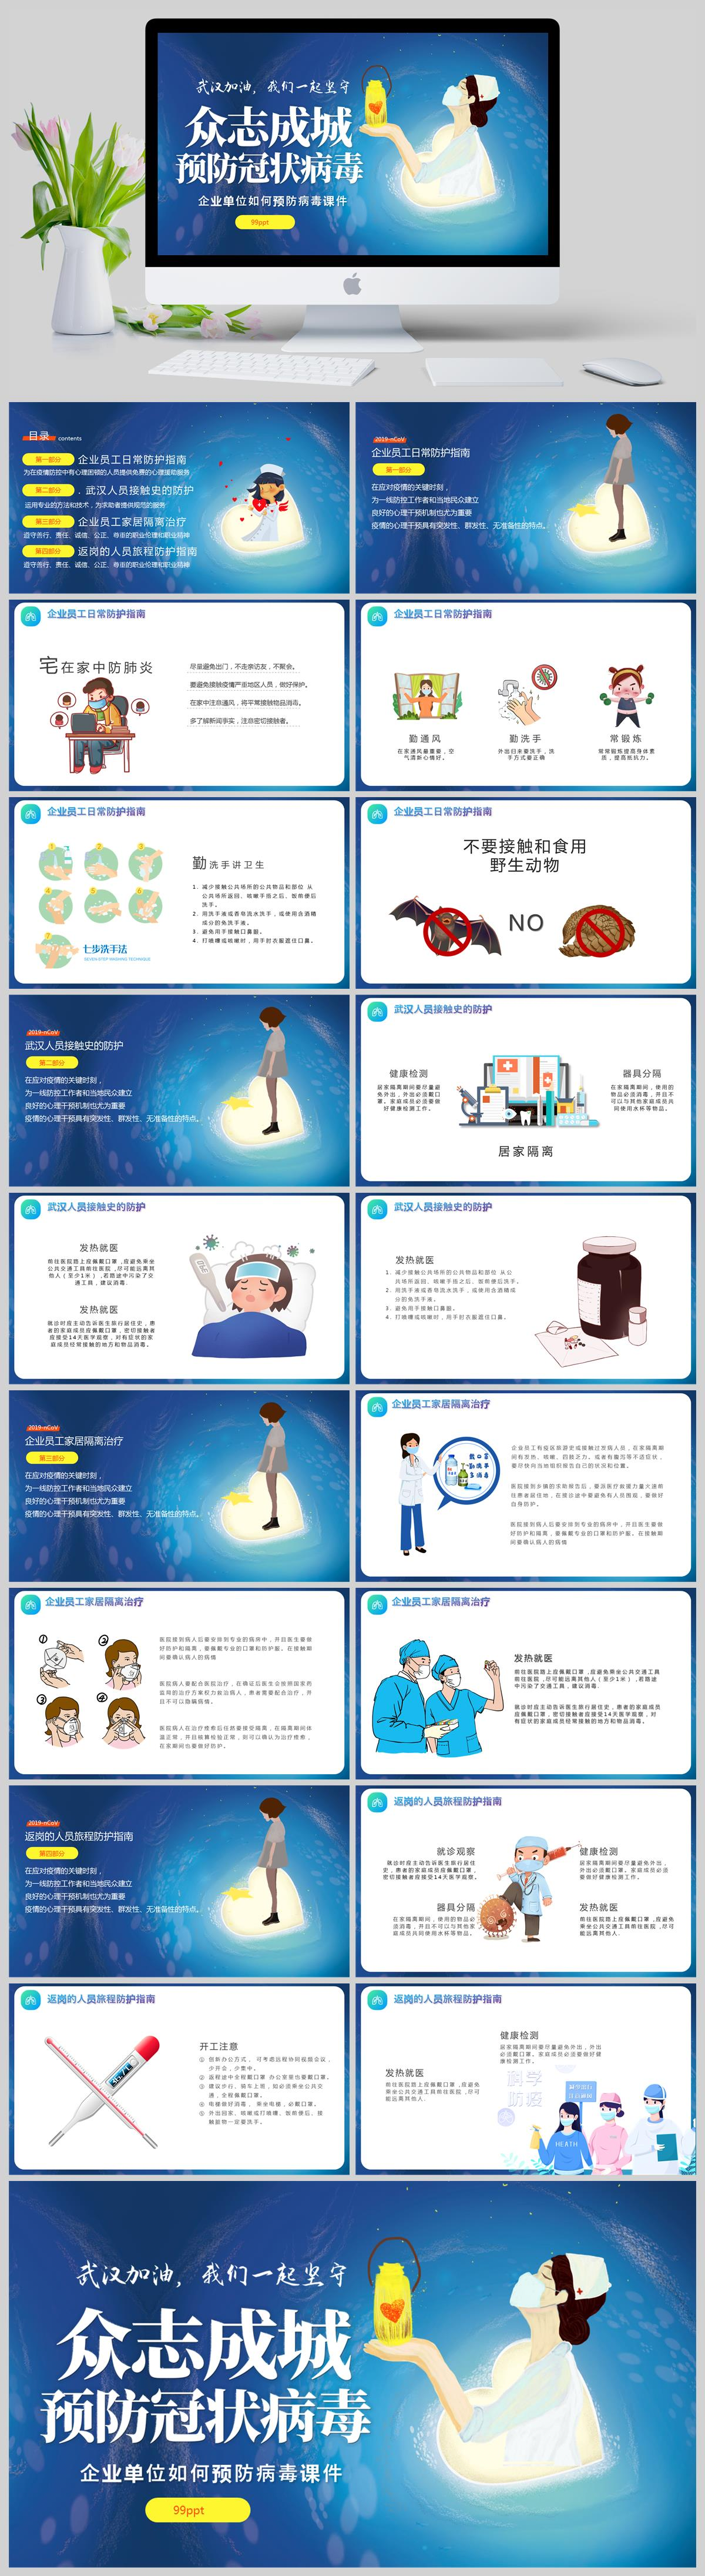 蓝色医疗风企业预防疫情宣传课件PPT亚博体育主页